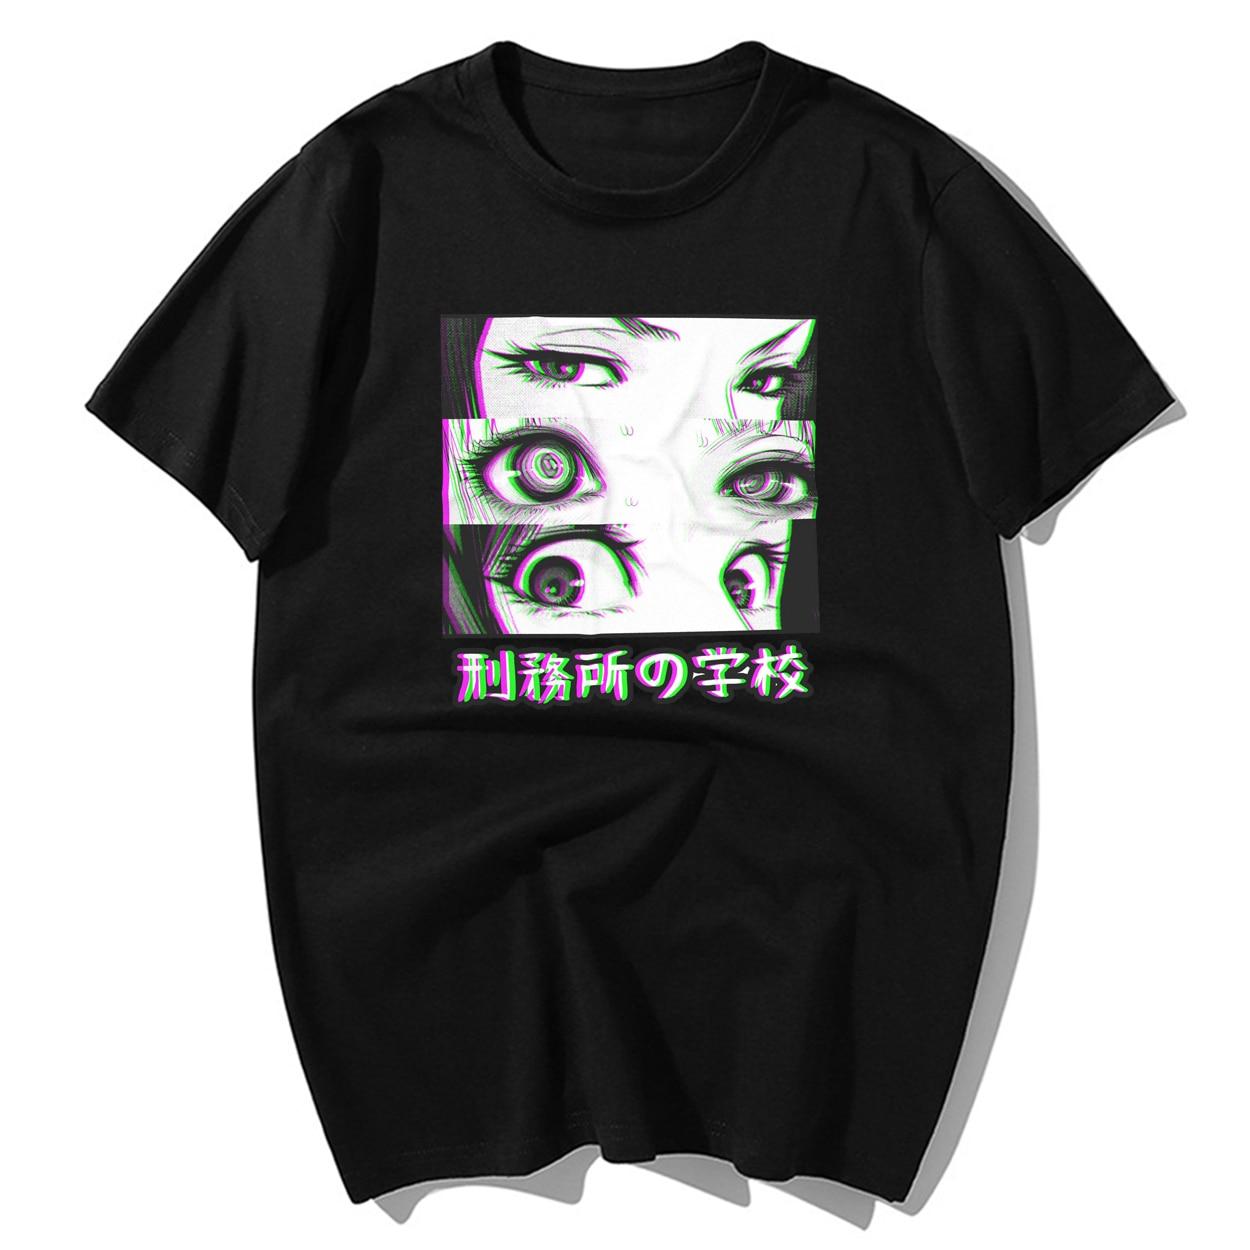 Тюрьма школа глаза сад японского аниме Эстетическая Футболка мужская забавная футболка Летняя хлопковая футболка с коротким рукавом хип-хоп топы